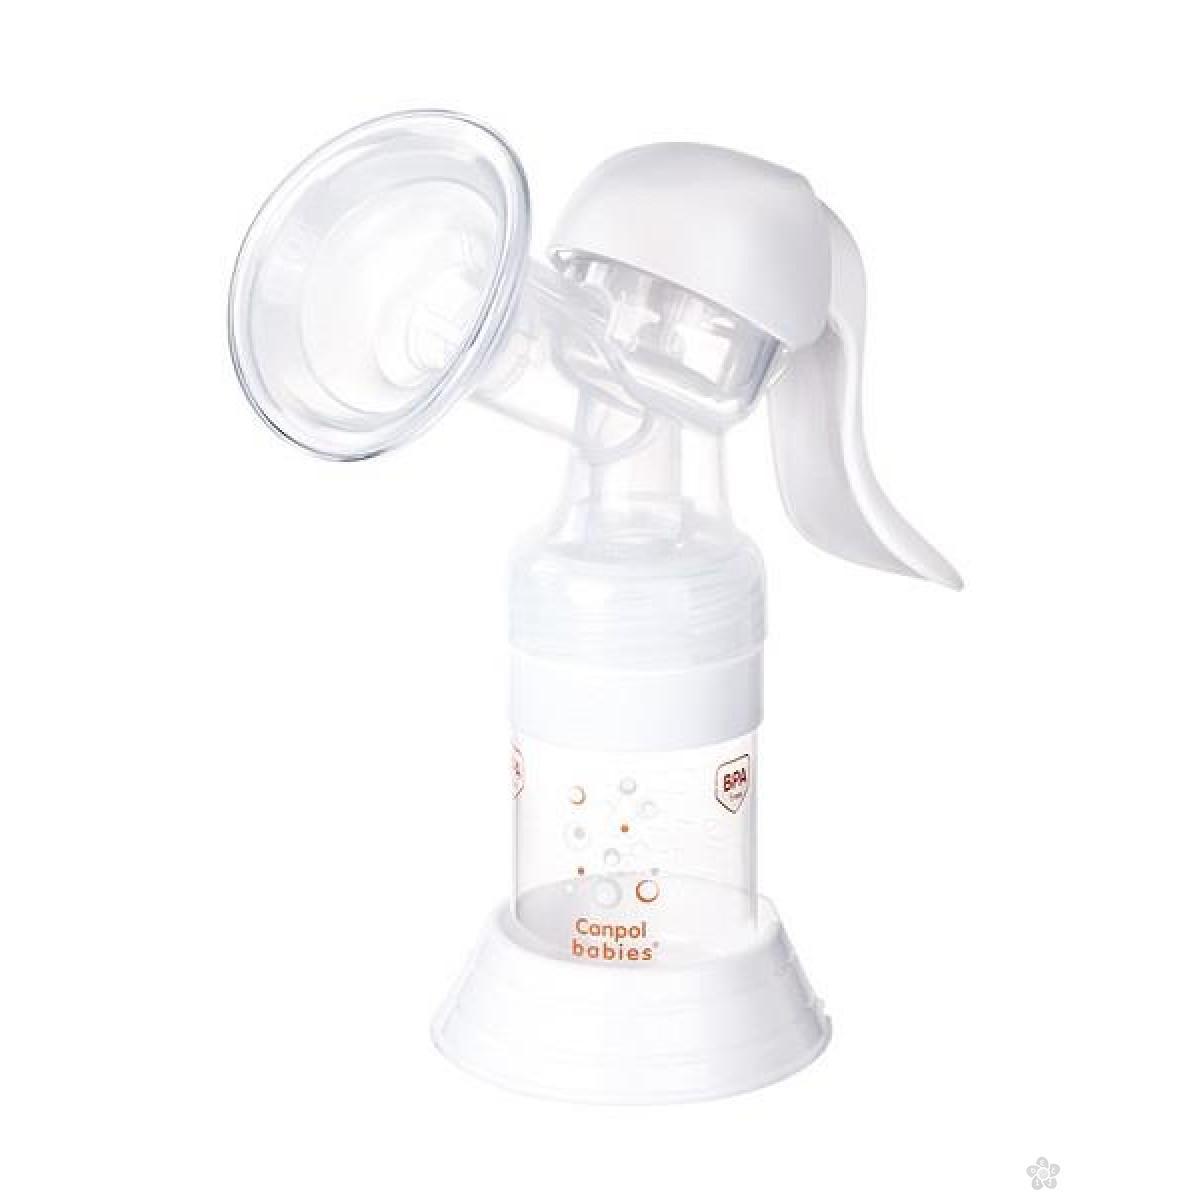 Canpol set za 12/25 za izmazivanje mleka + tuferi